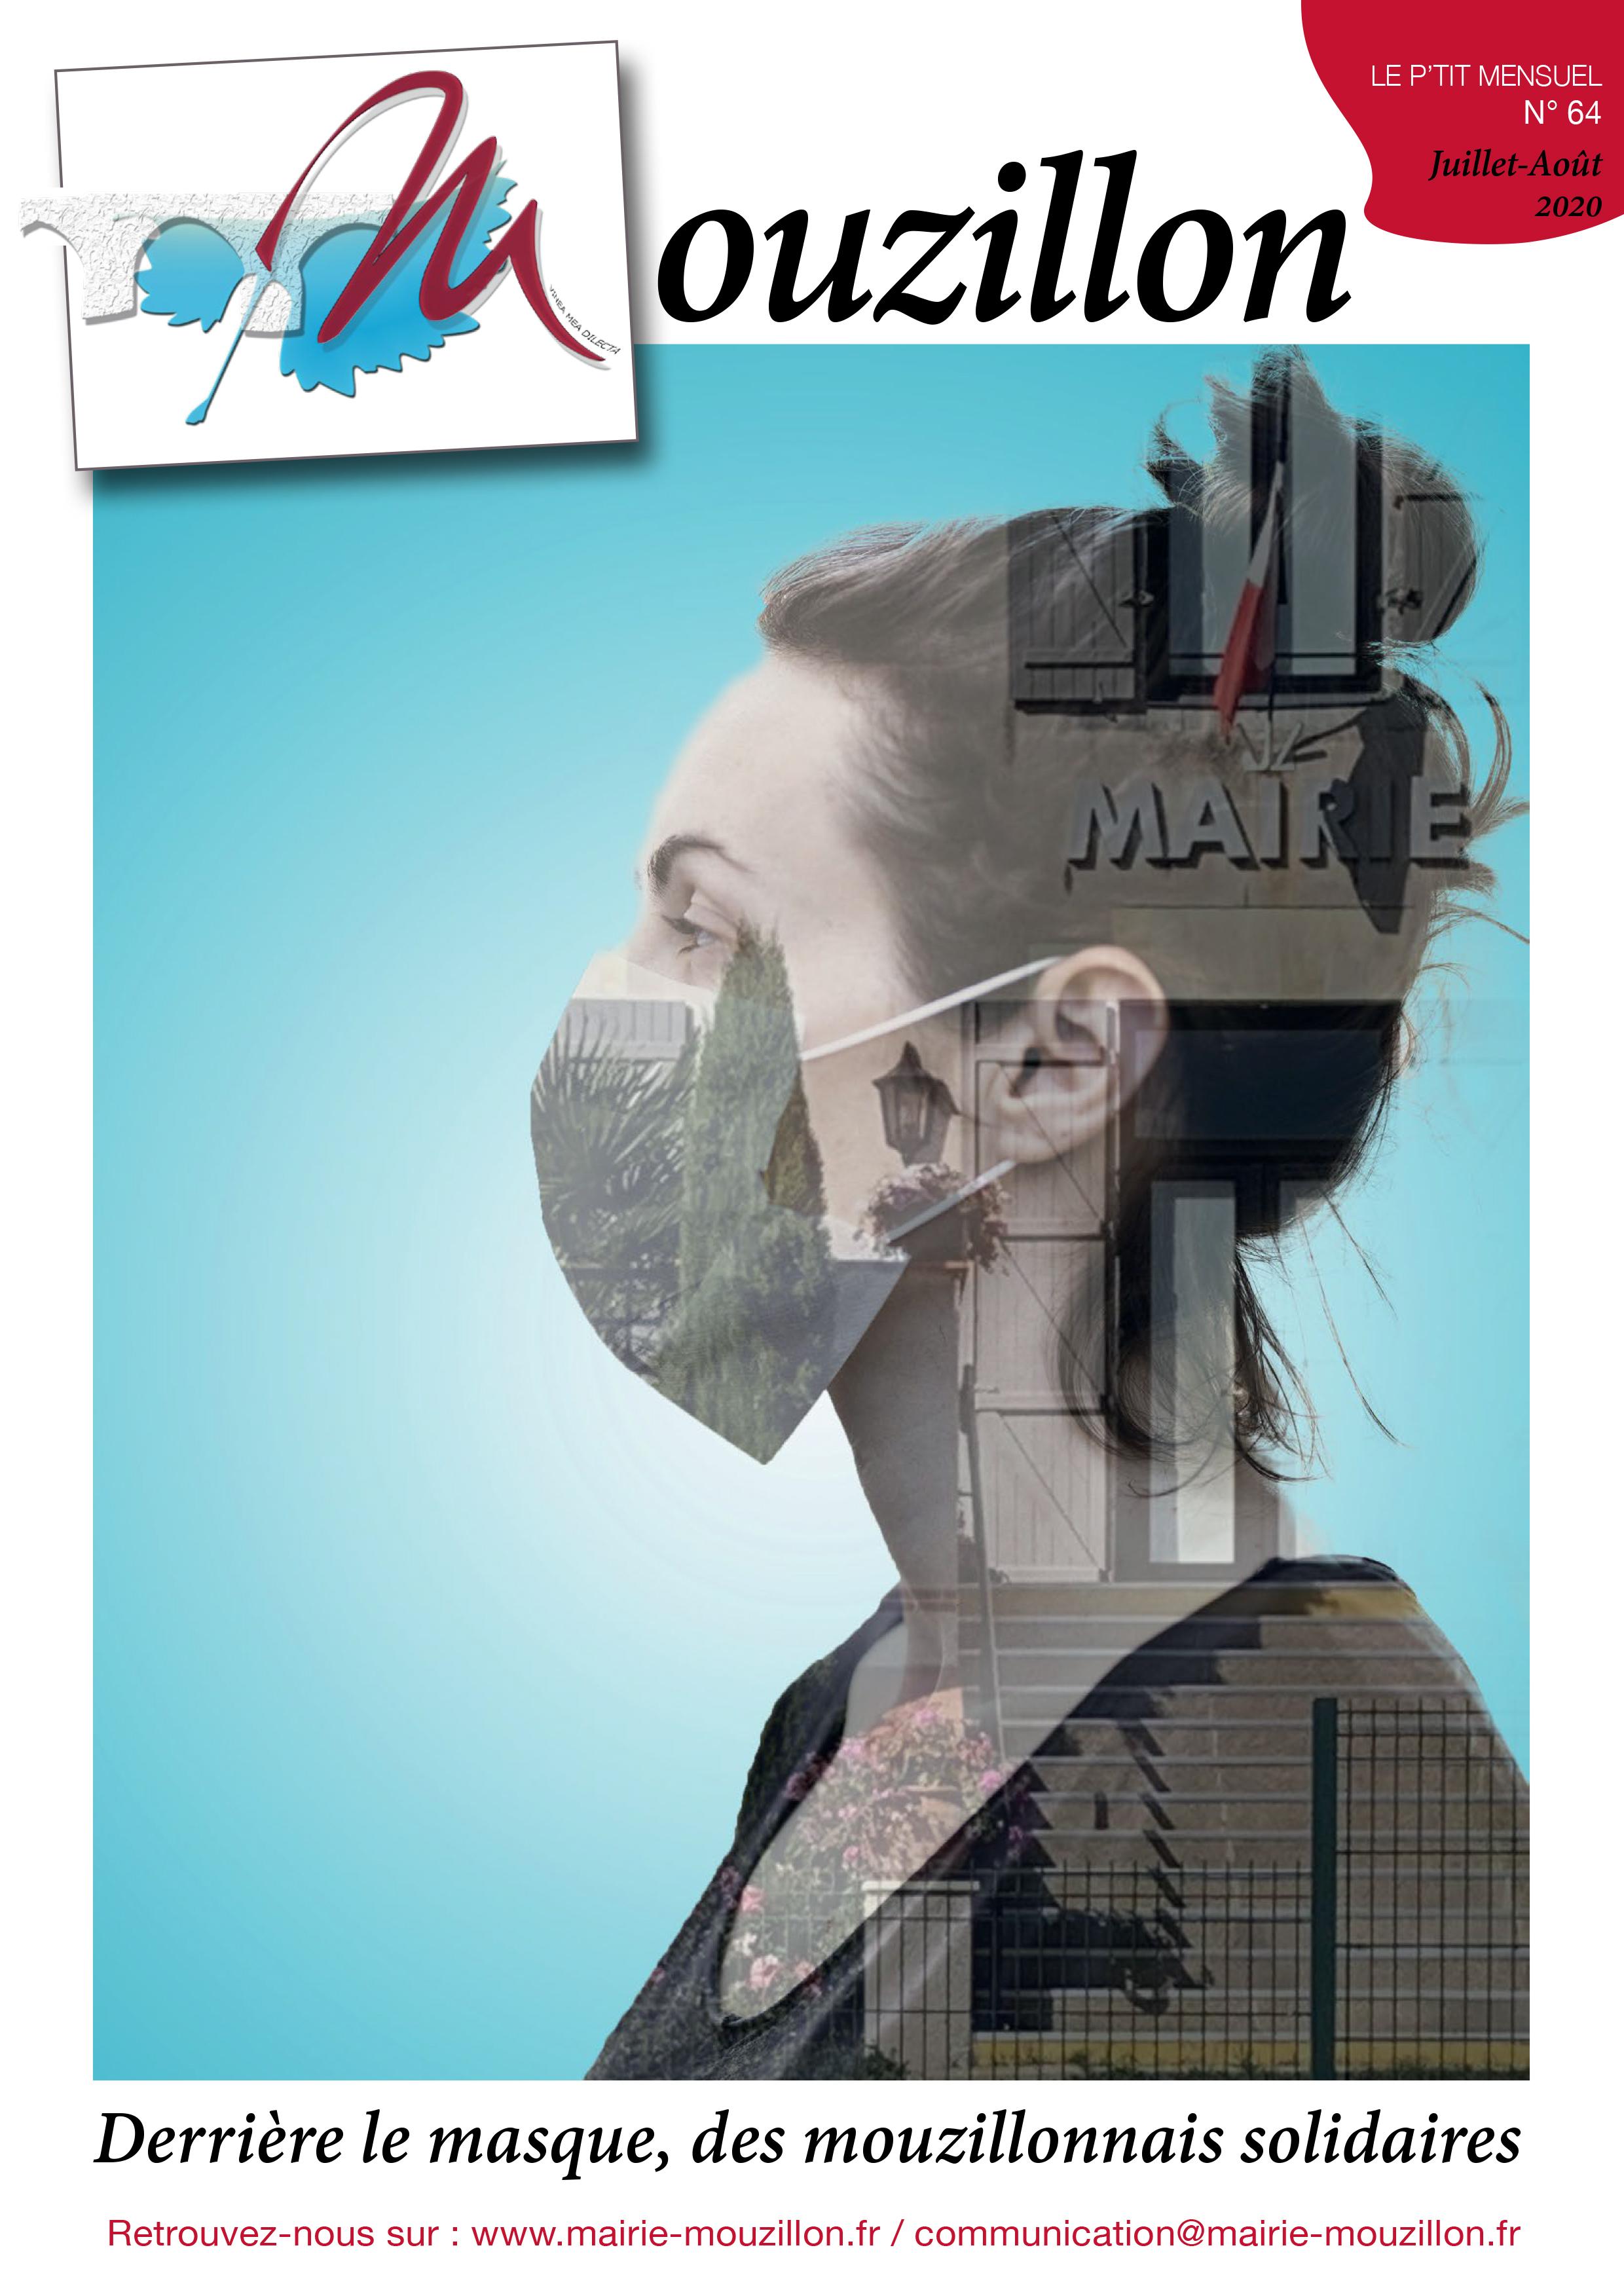 Couverture_bulletin juillet aout 2020-1.jpg